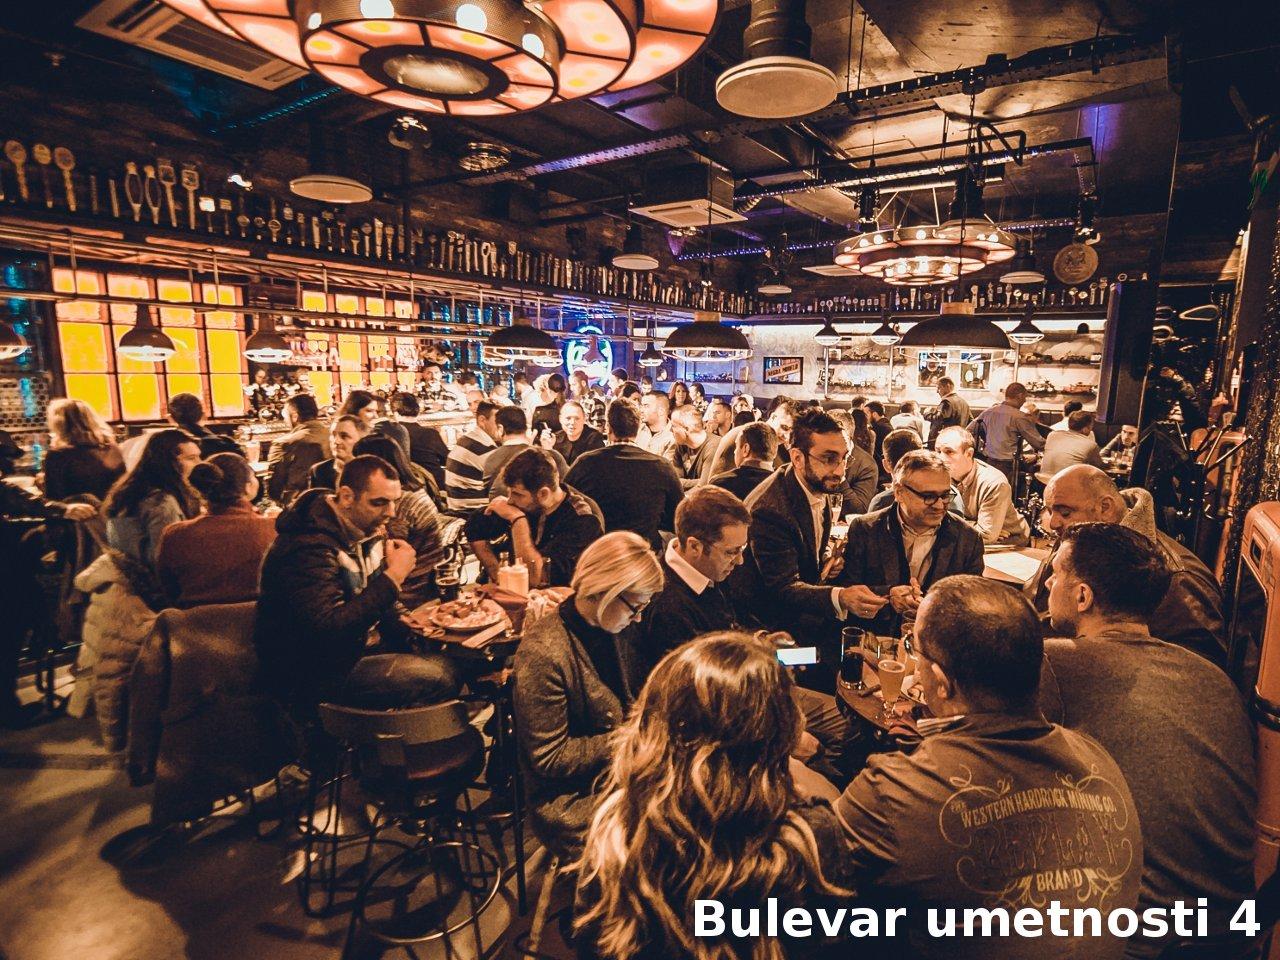 mapa beograda bulevar umetnosti PIVNICA PIVO I KOBAJA | Pivo i kobaje Beograd, Pivnica Vračar Pab  mapa beograda bulevar umetnosti